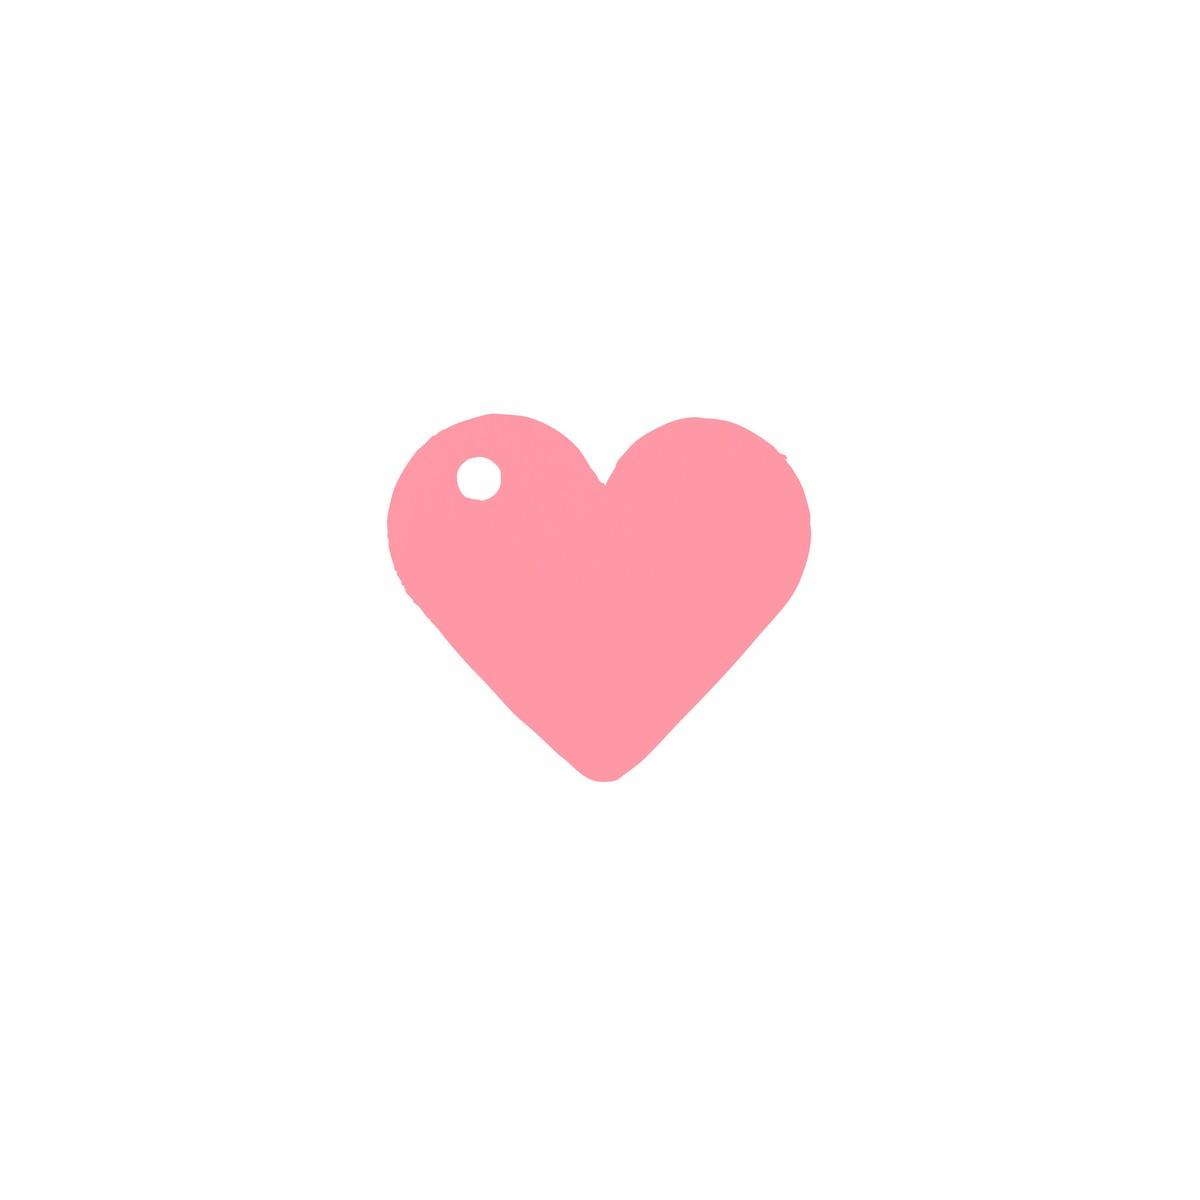 10 Etiquettes Dragees Coeur Rose